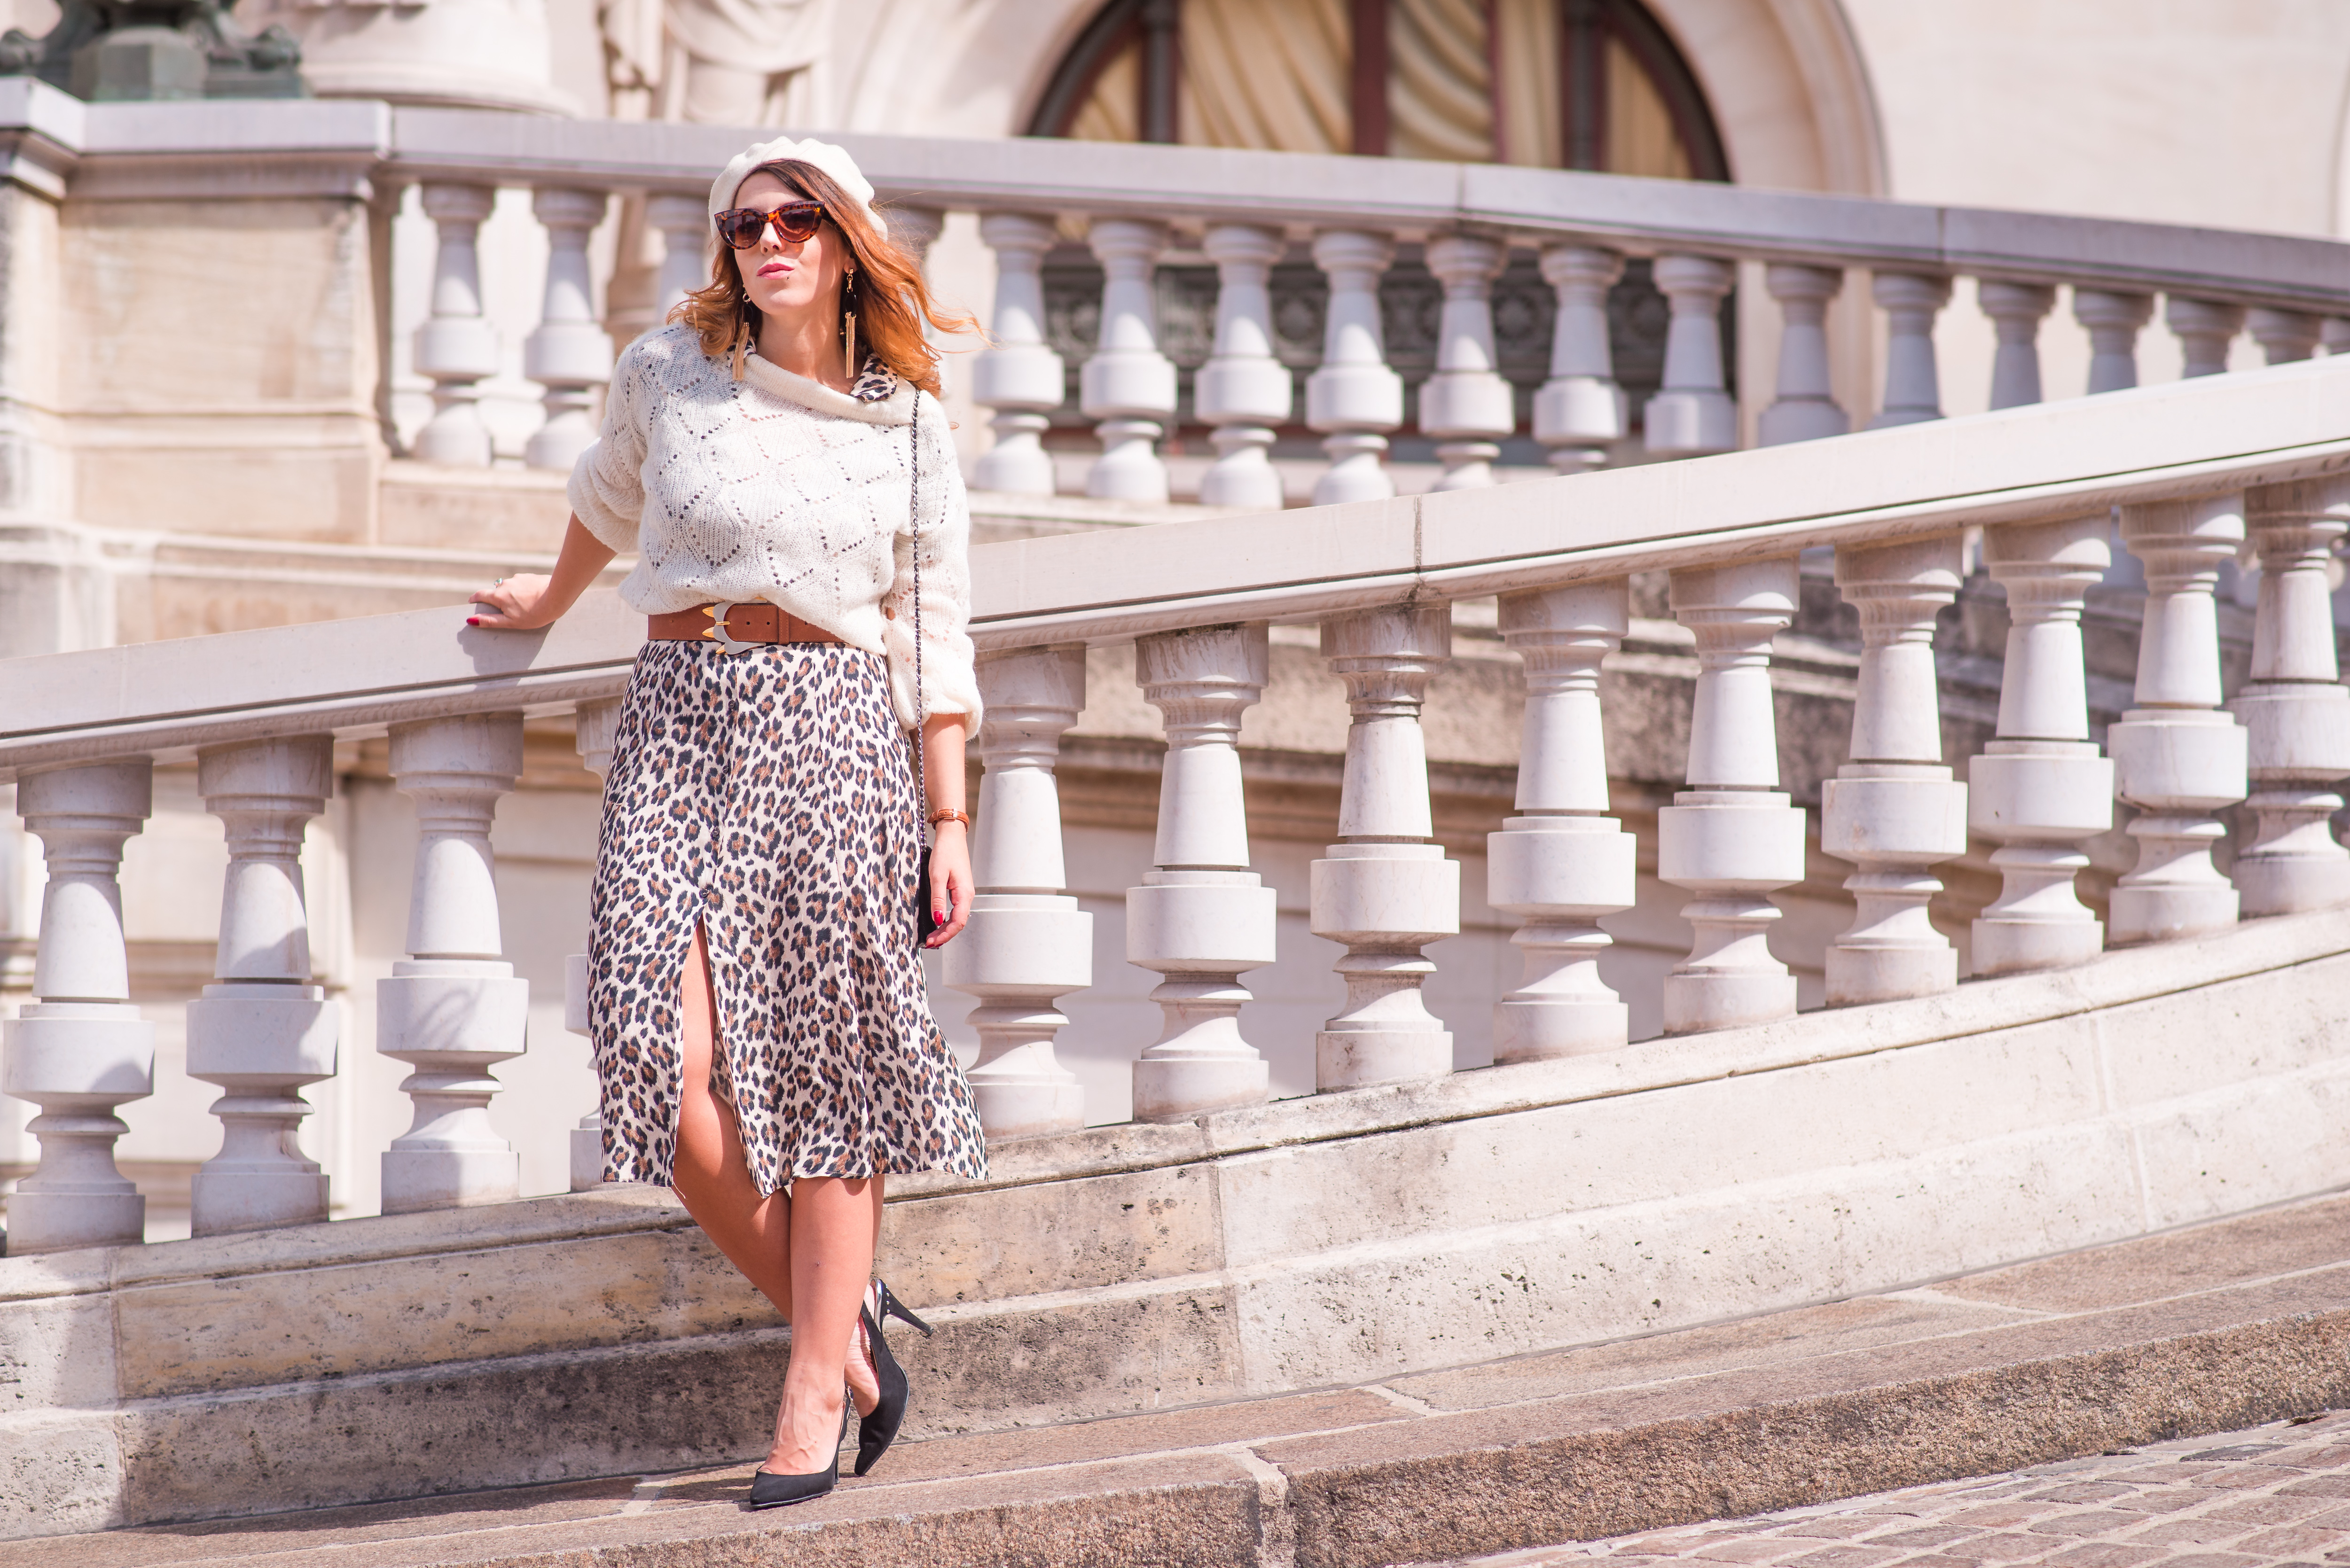 robe imprimé léopard sac chanel blog rétro paris blog vintage paris charlie sugar town Opéra